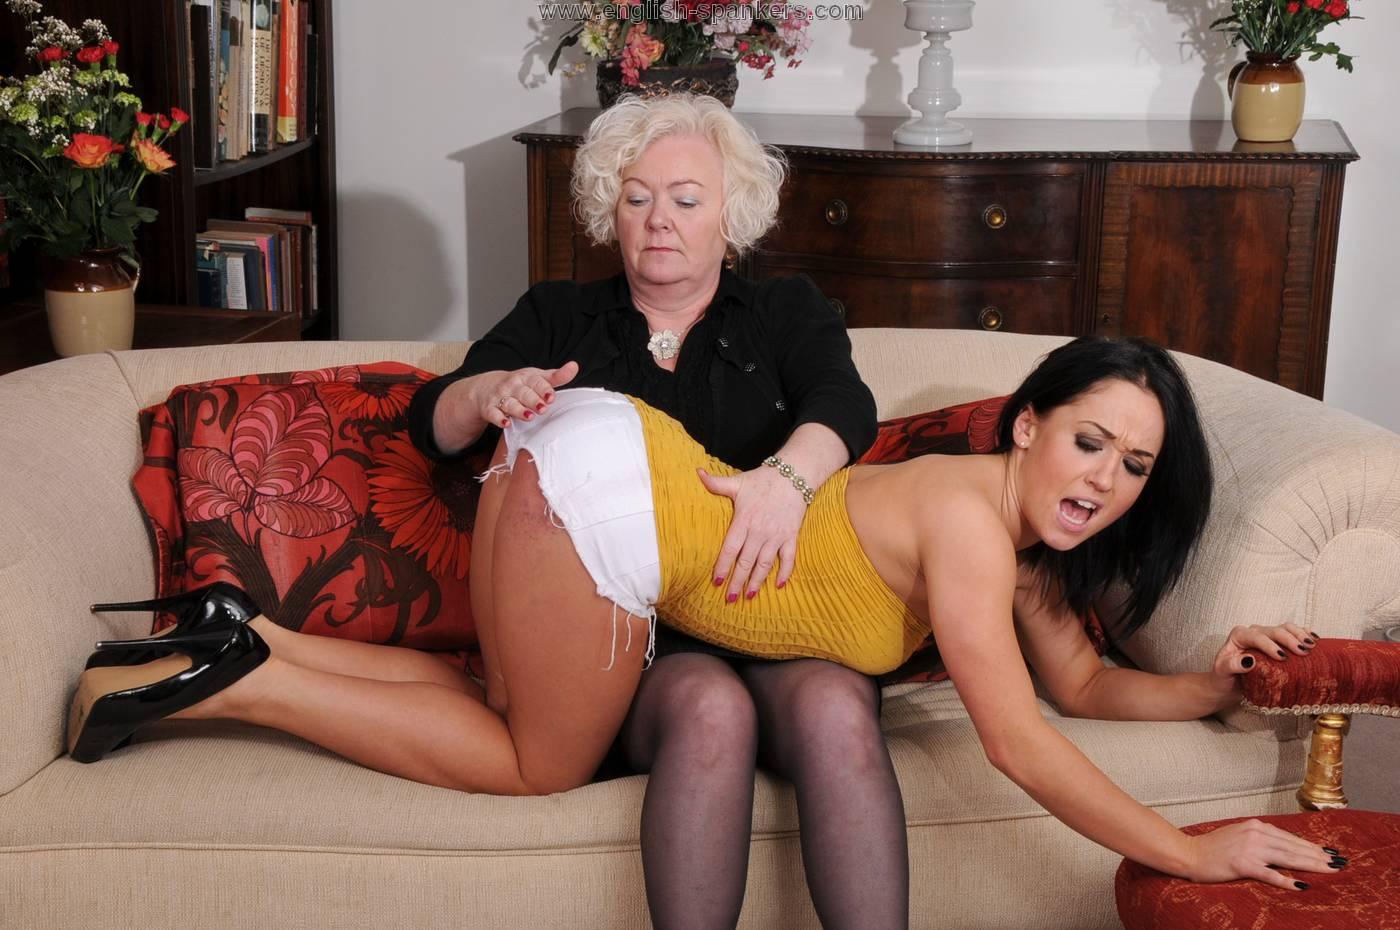 Bad tushy spanking